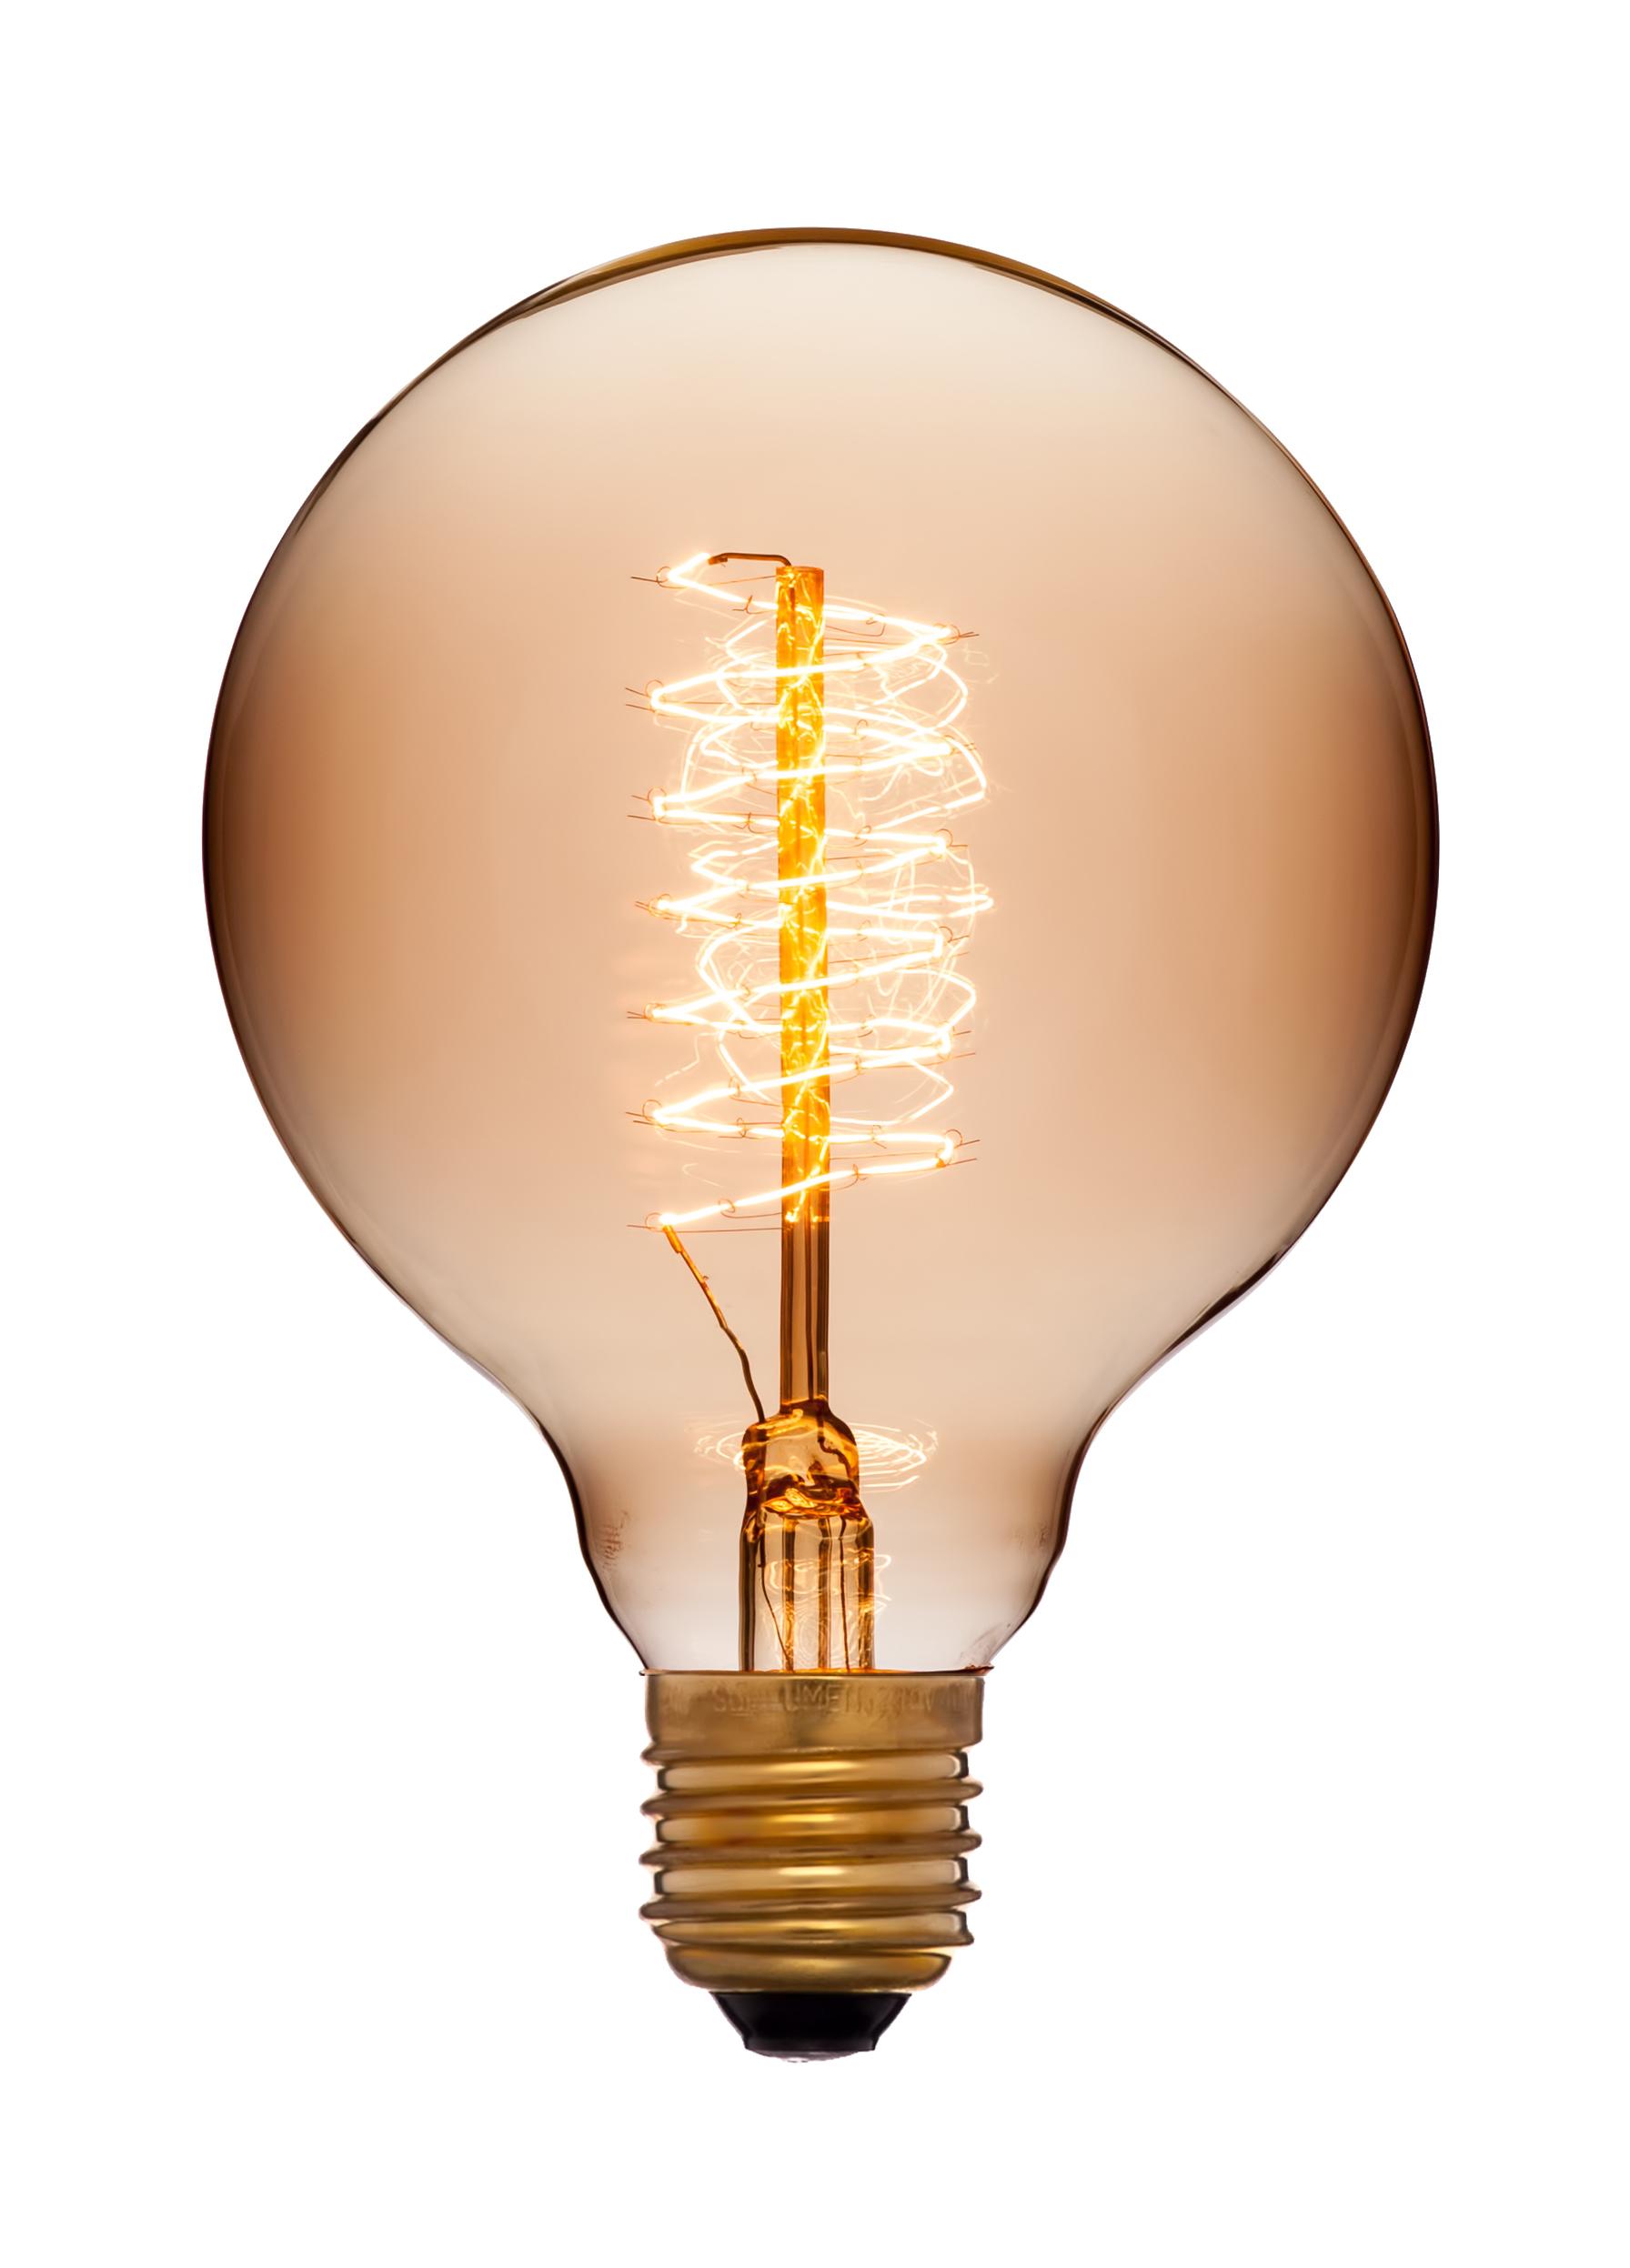 Картинка первой лампы накаливания